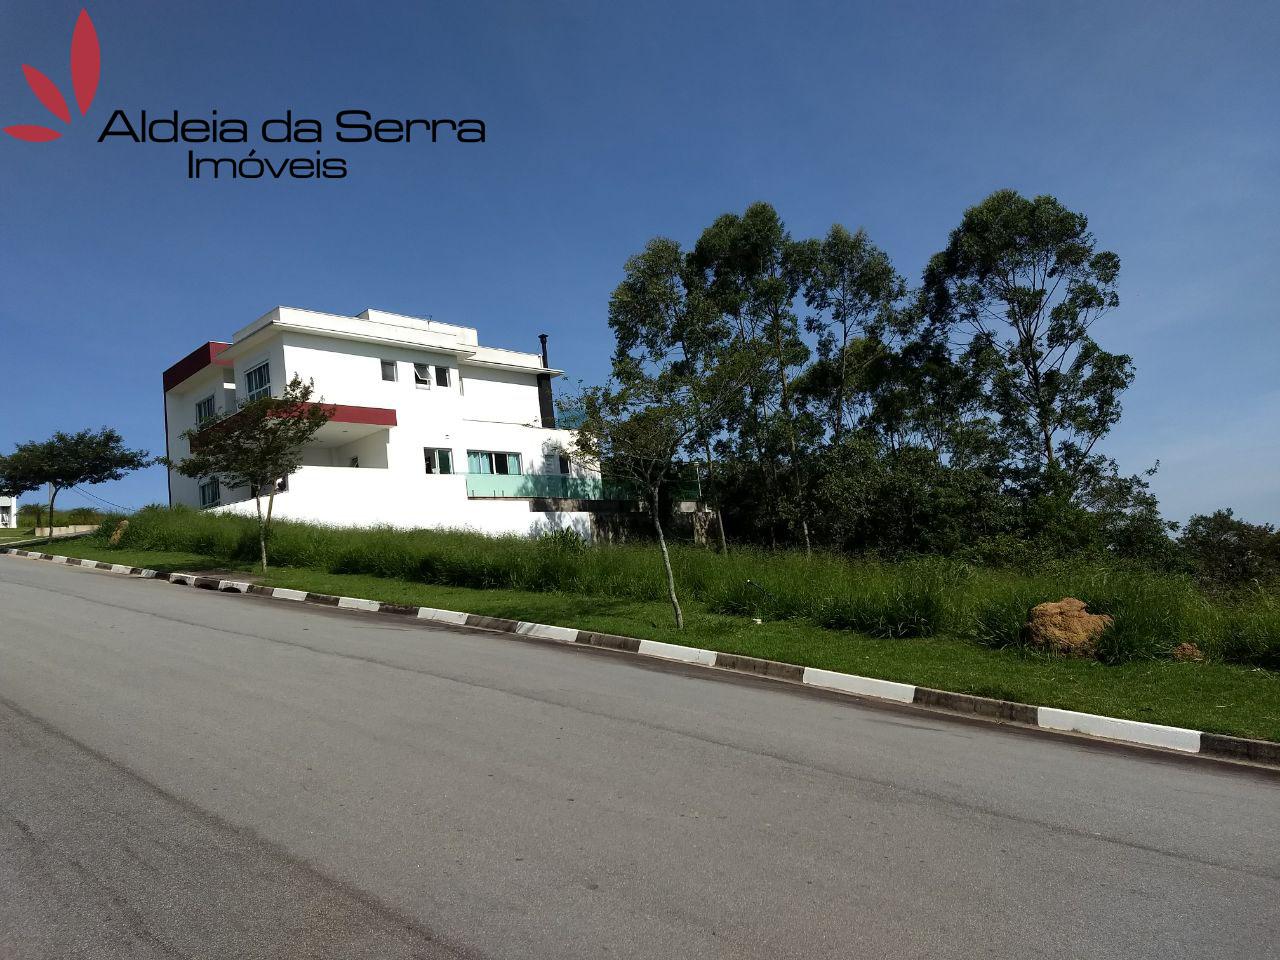 /admin/imoveis/fotos/IMG-20180312-WA0002.jpg Aldeia da Serra Imoveis